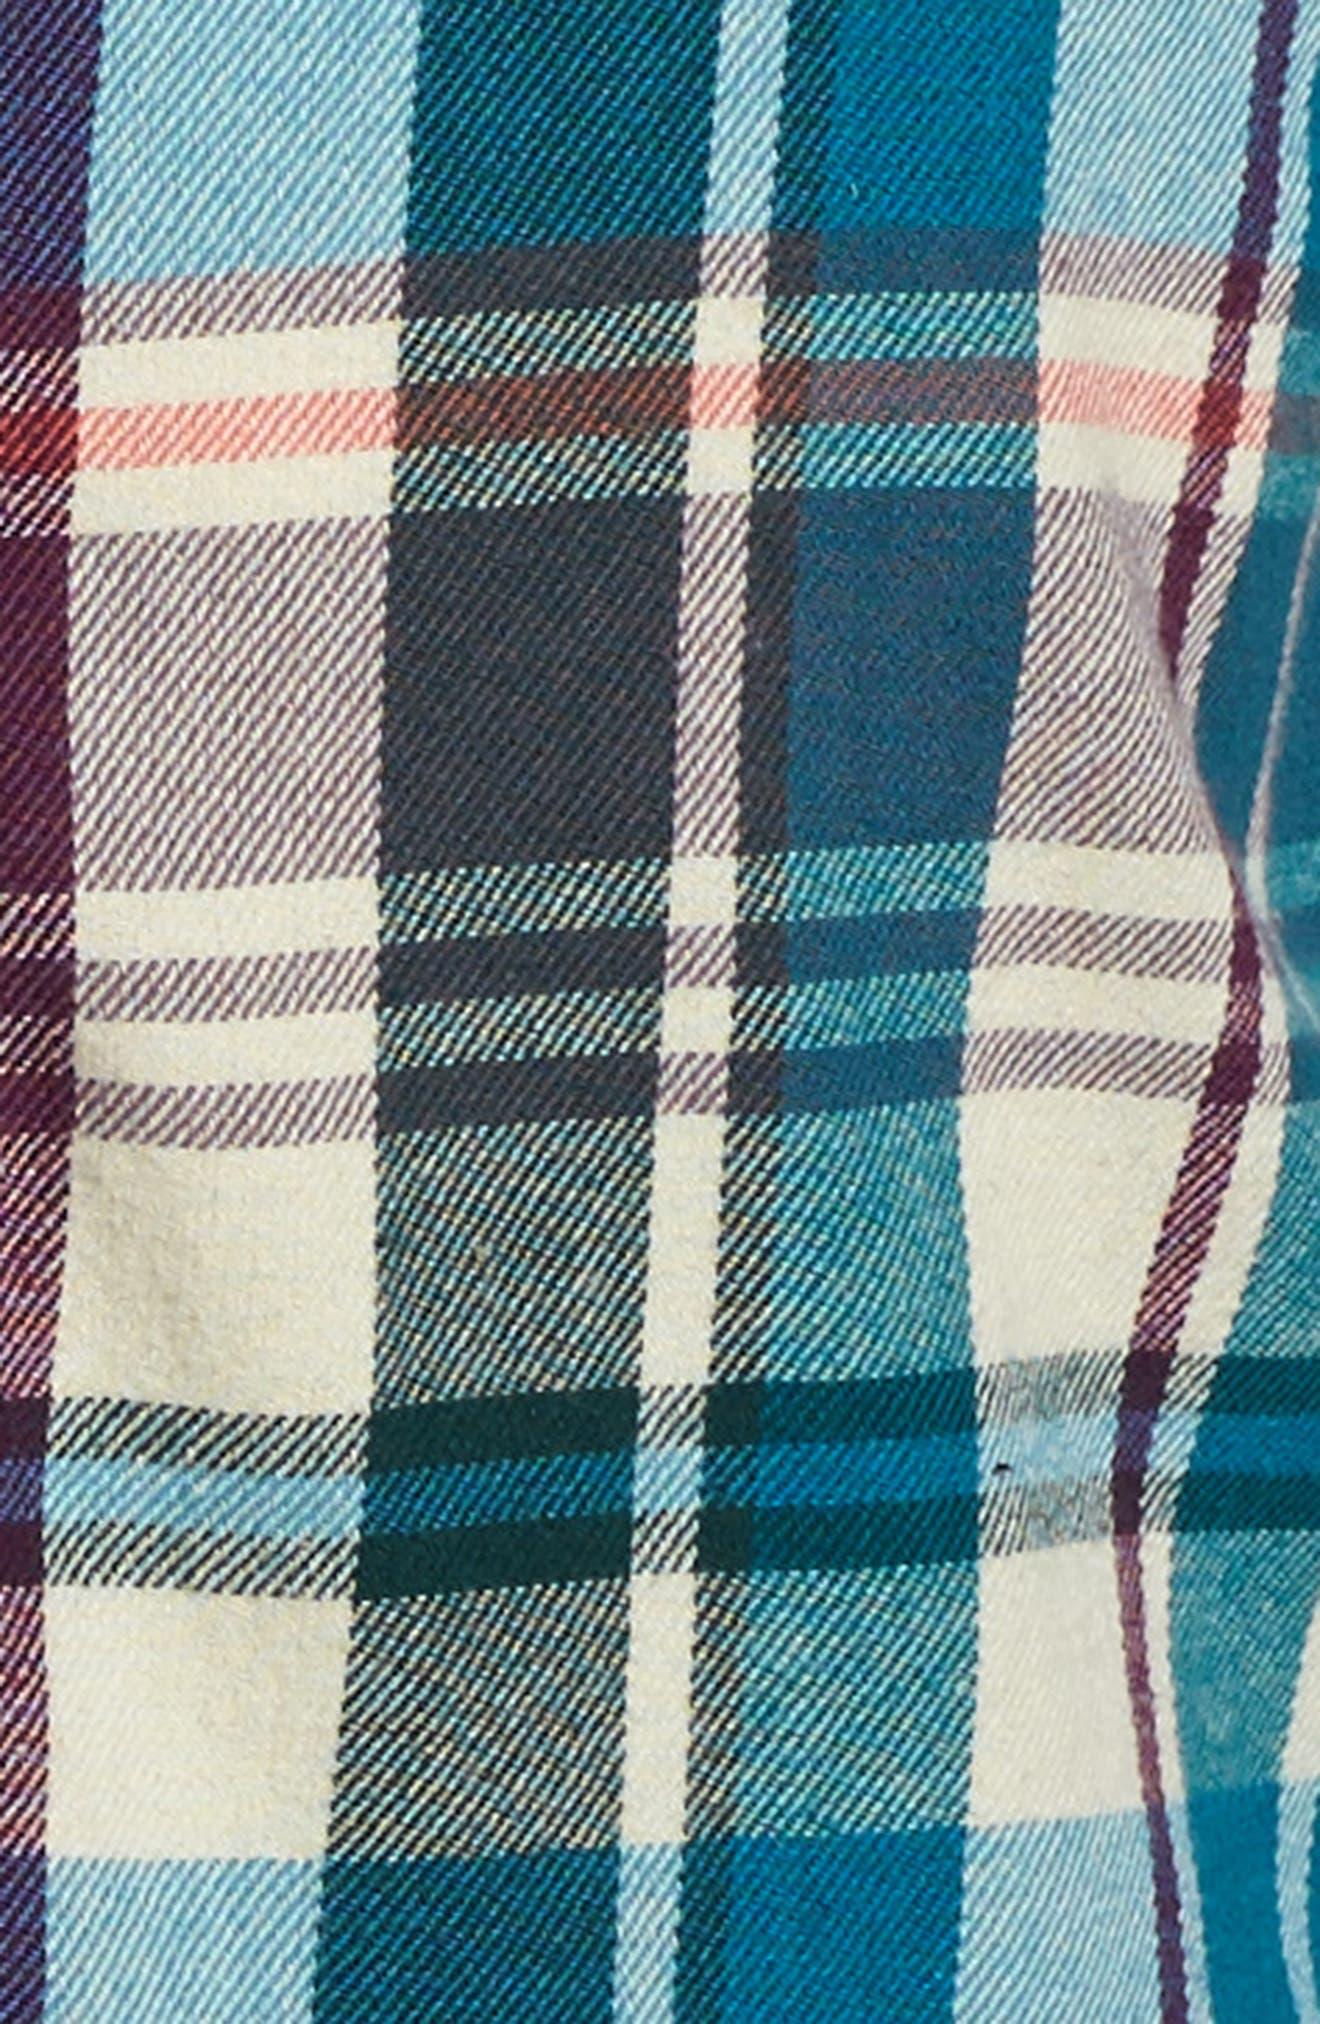 Alternate Image 3  - Tea Collection Applecross Plaid Flannel Shirtdress (Toddler Girls, Little Girls & Big Girls)